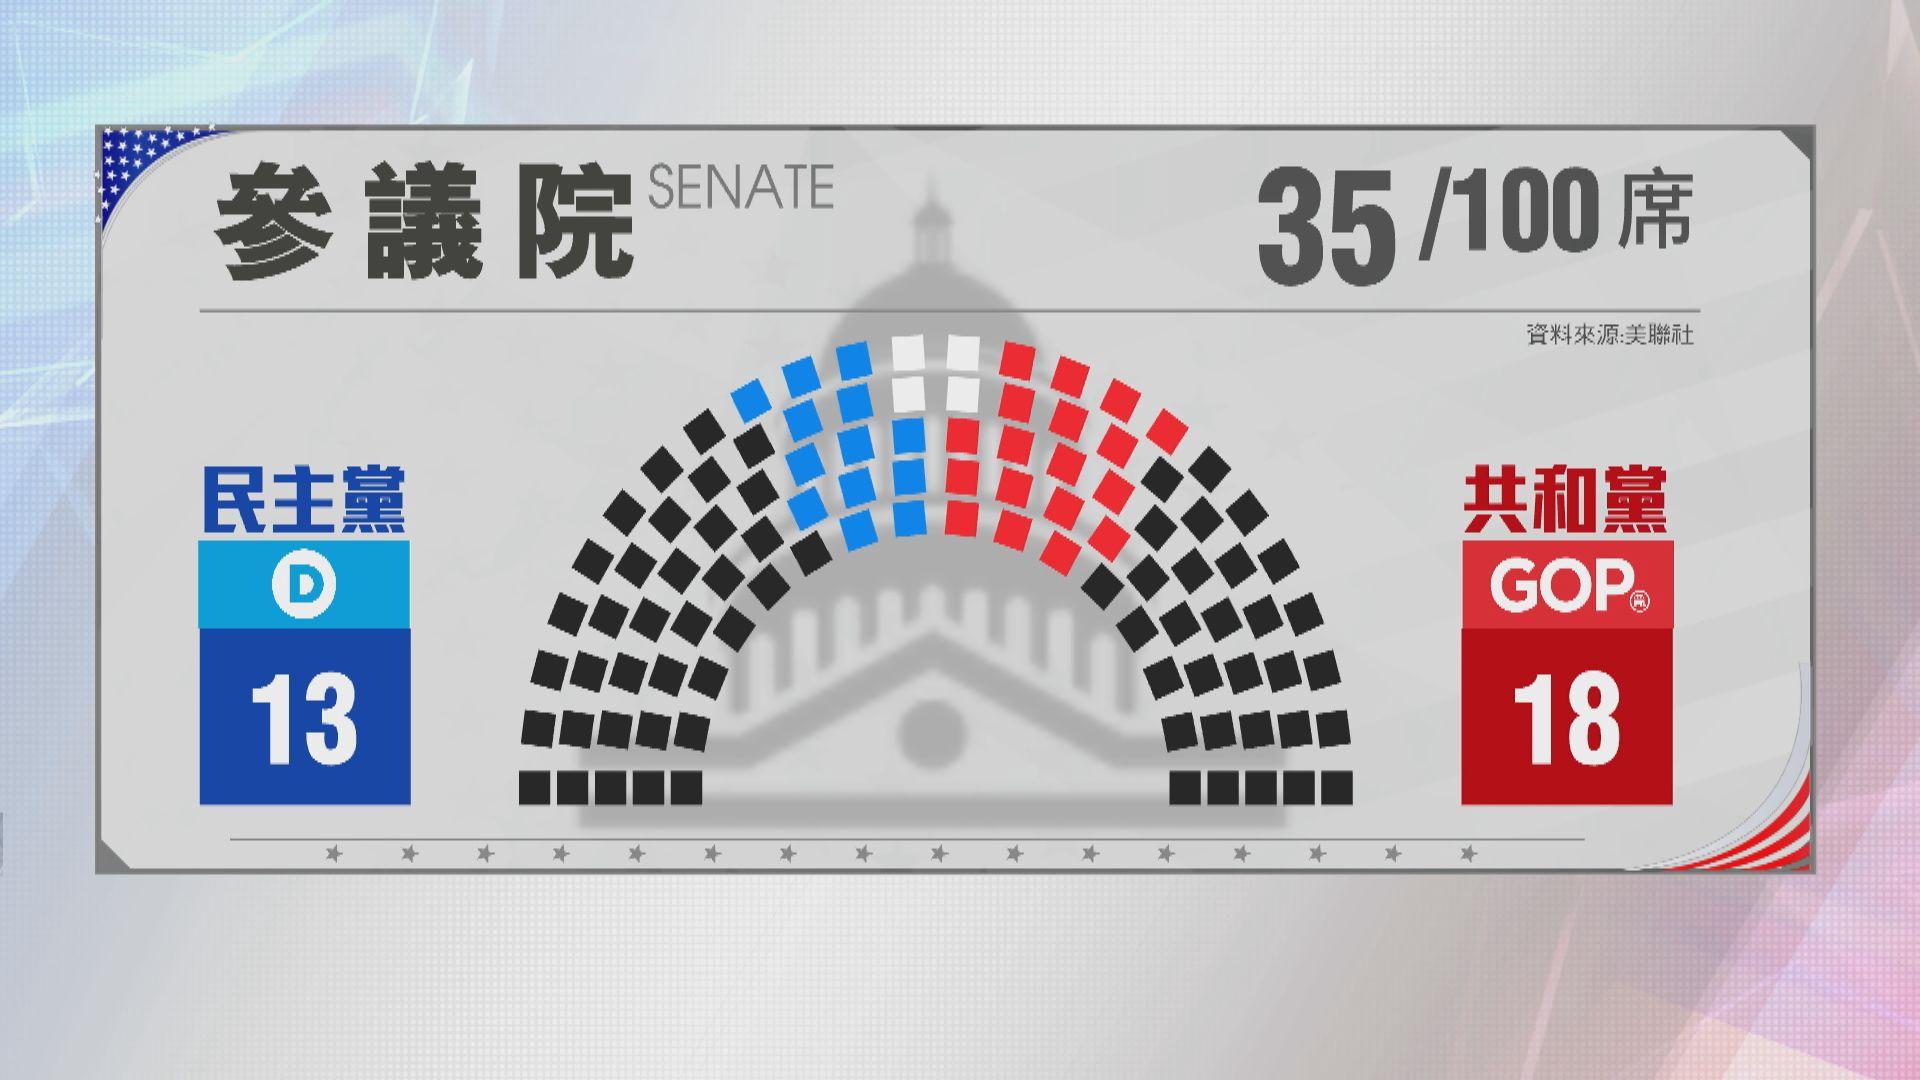 共和黨有望繼續控制參議院